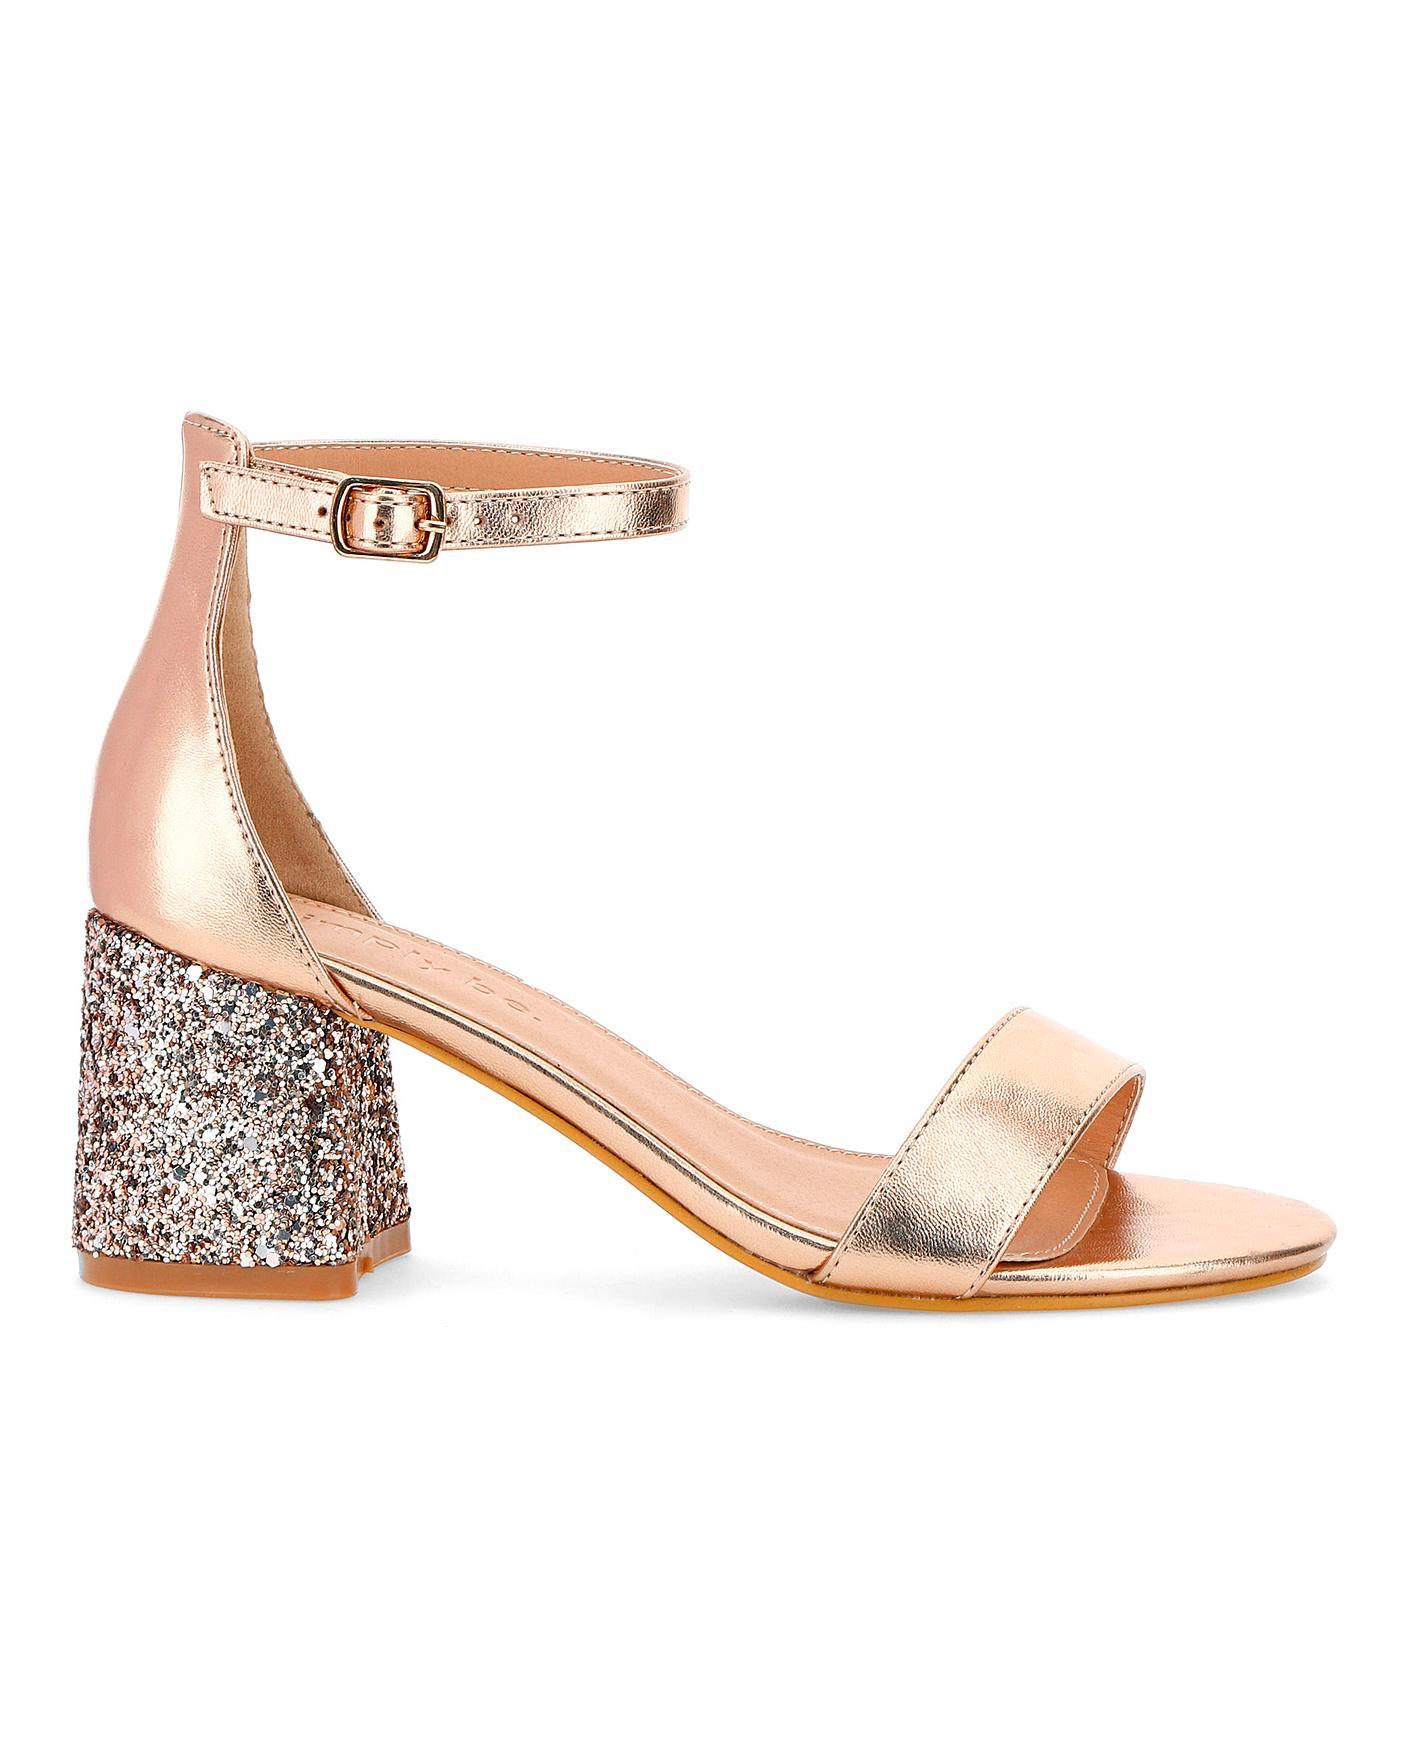 Toni Glitter Heel Sandals Wide Fit